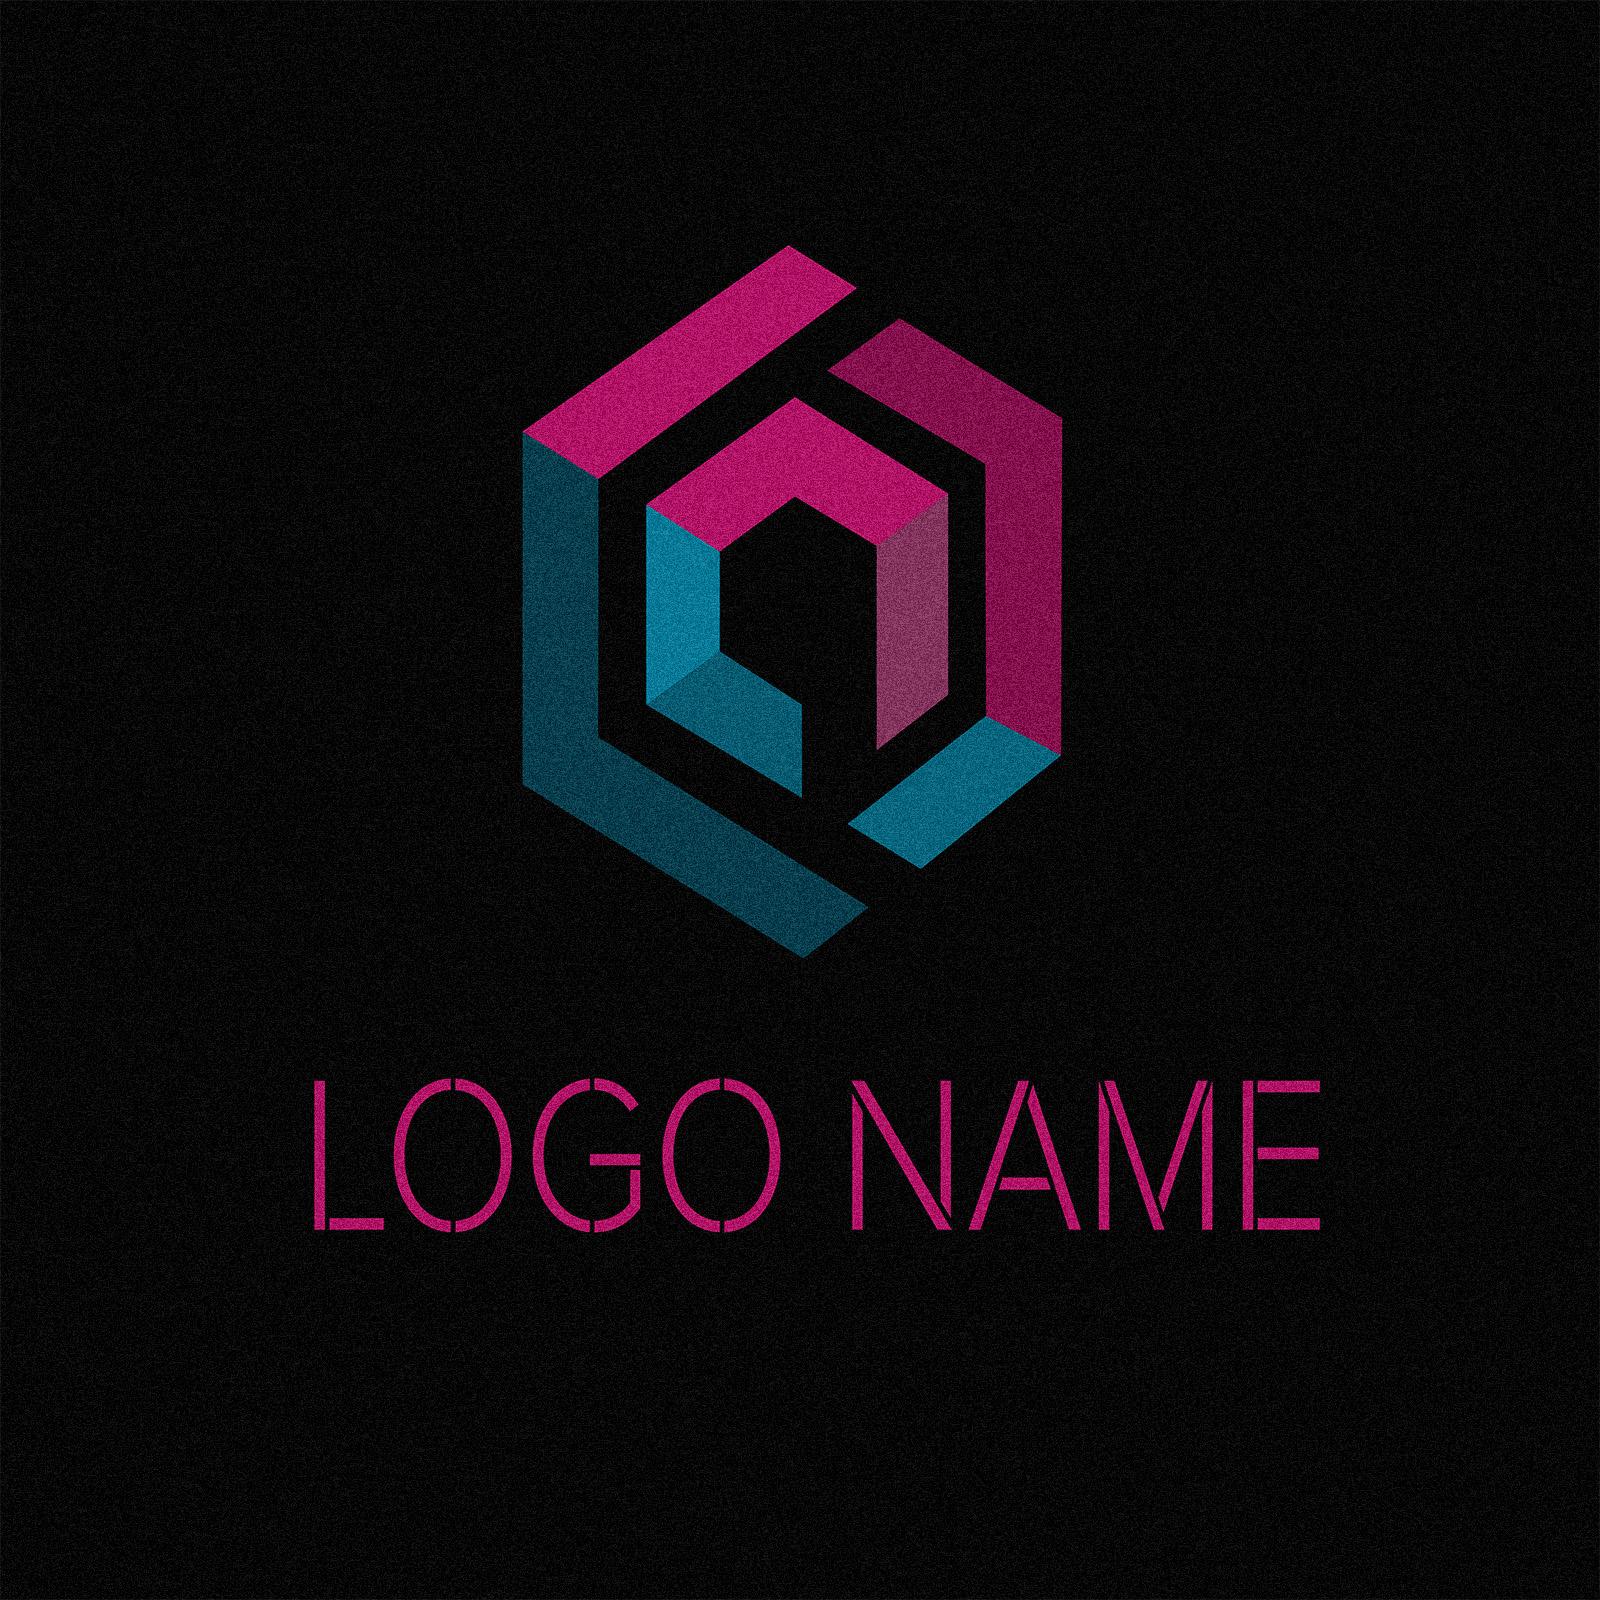 Создаю логотипы фриланс игры freelancer скачать бесплатно